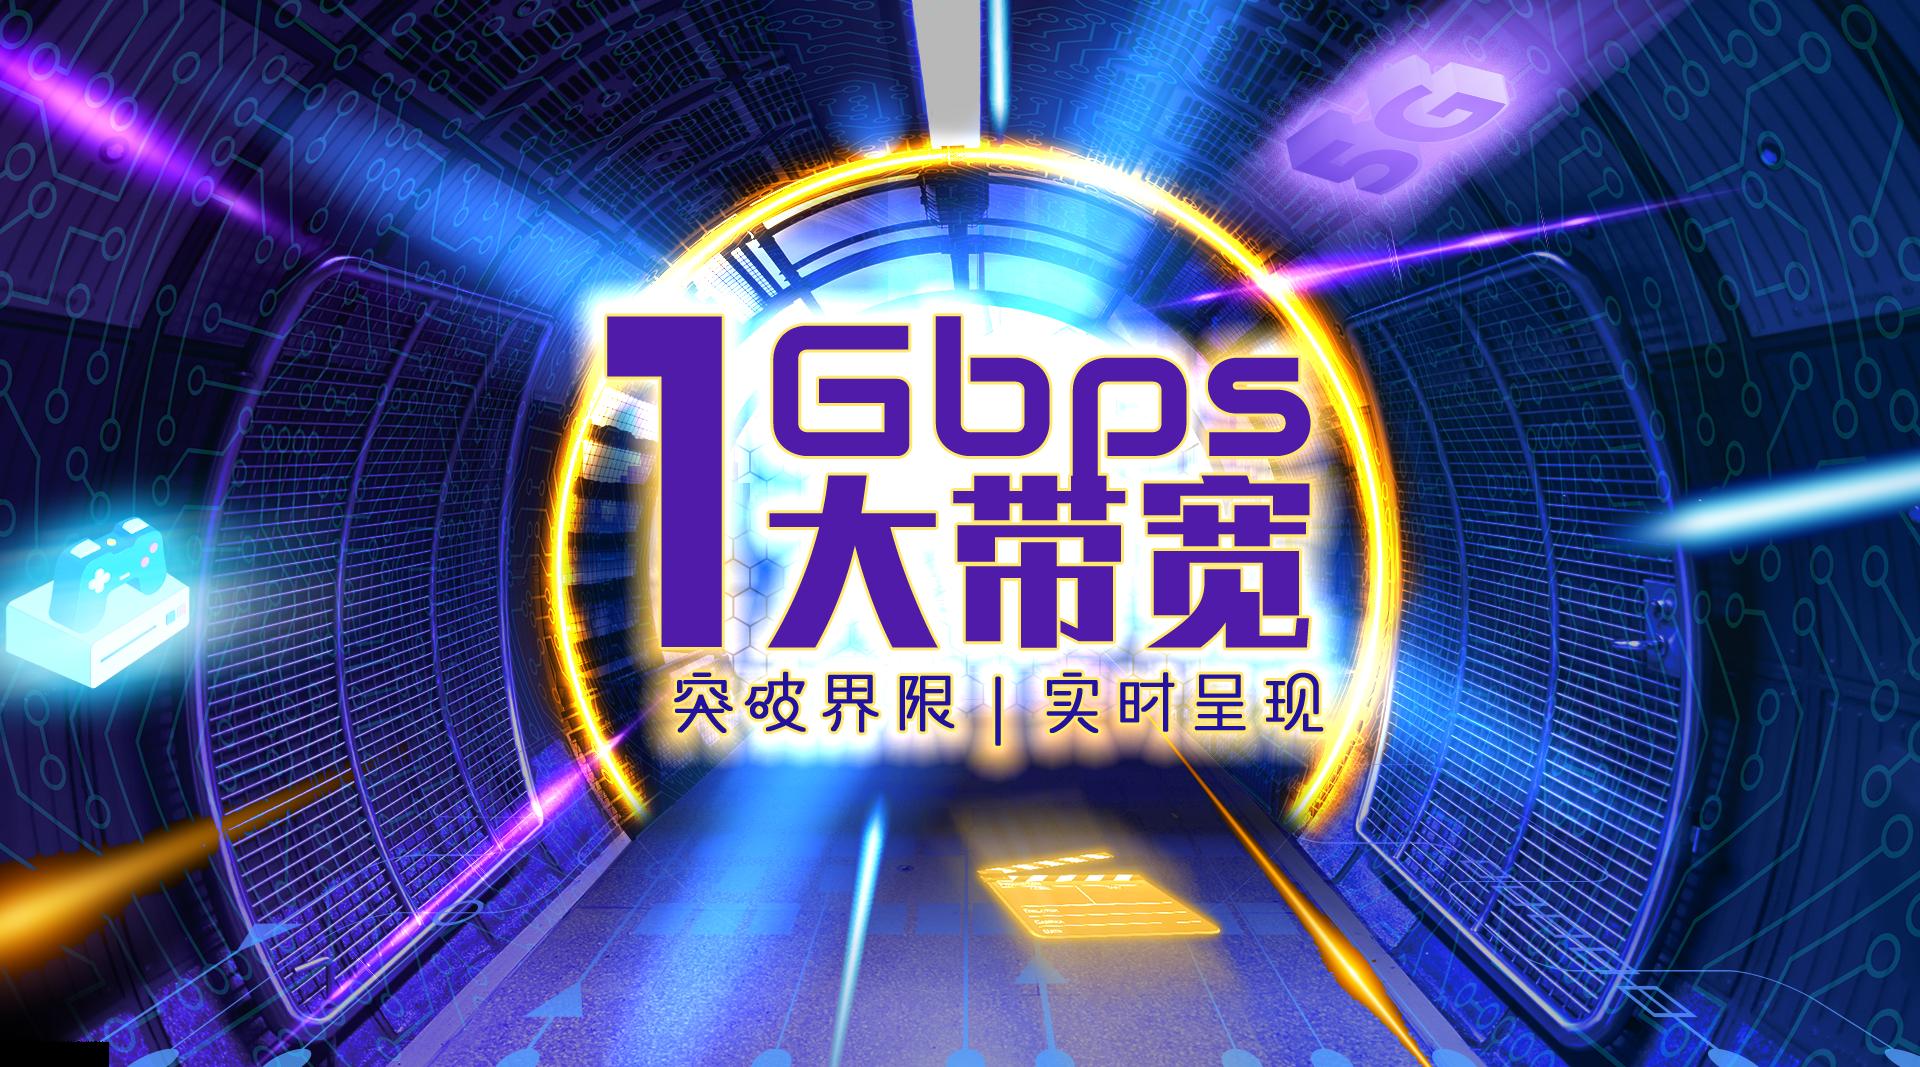 1Gbps大带宽 突破界限 | 实时呈现